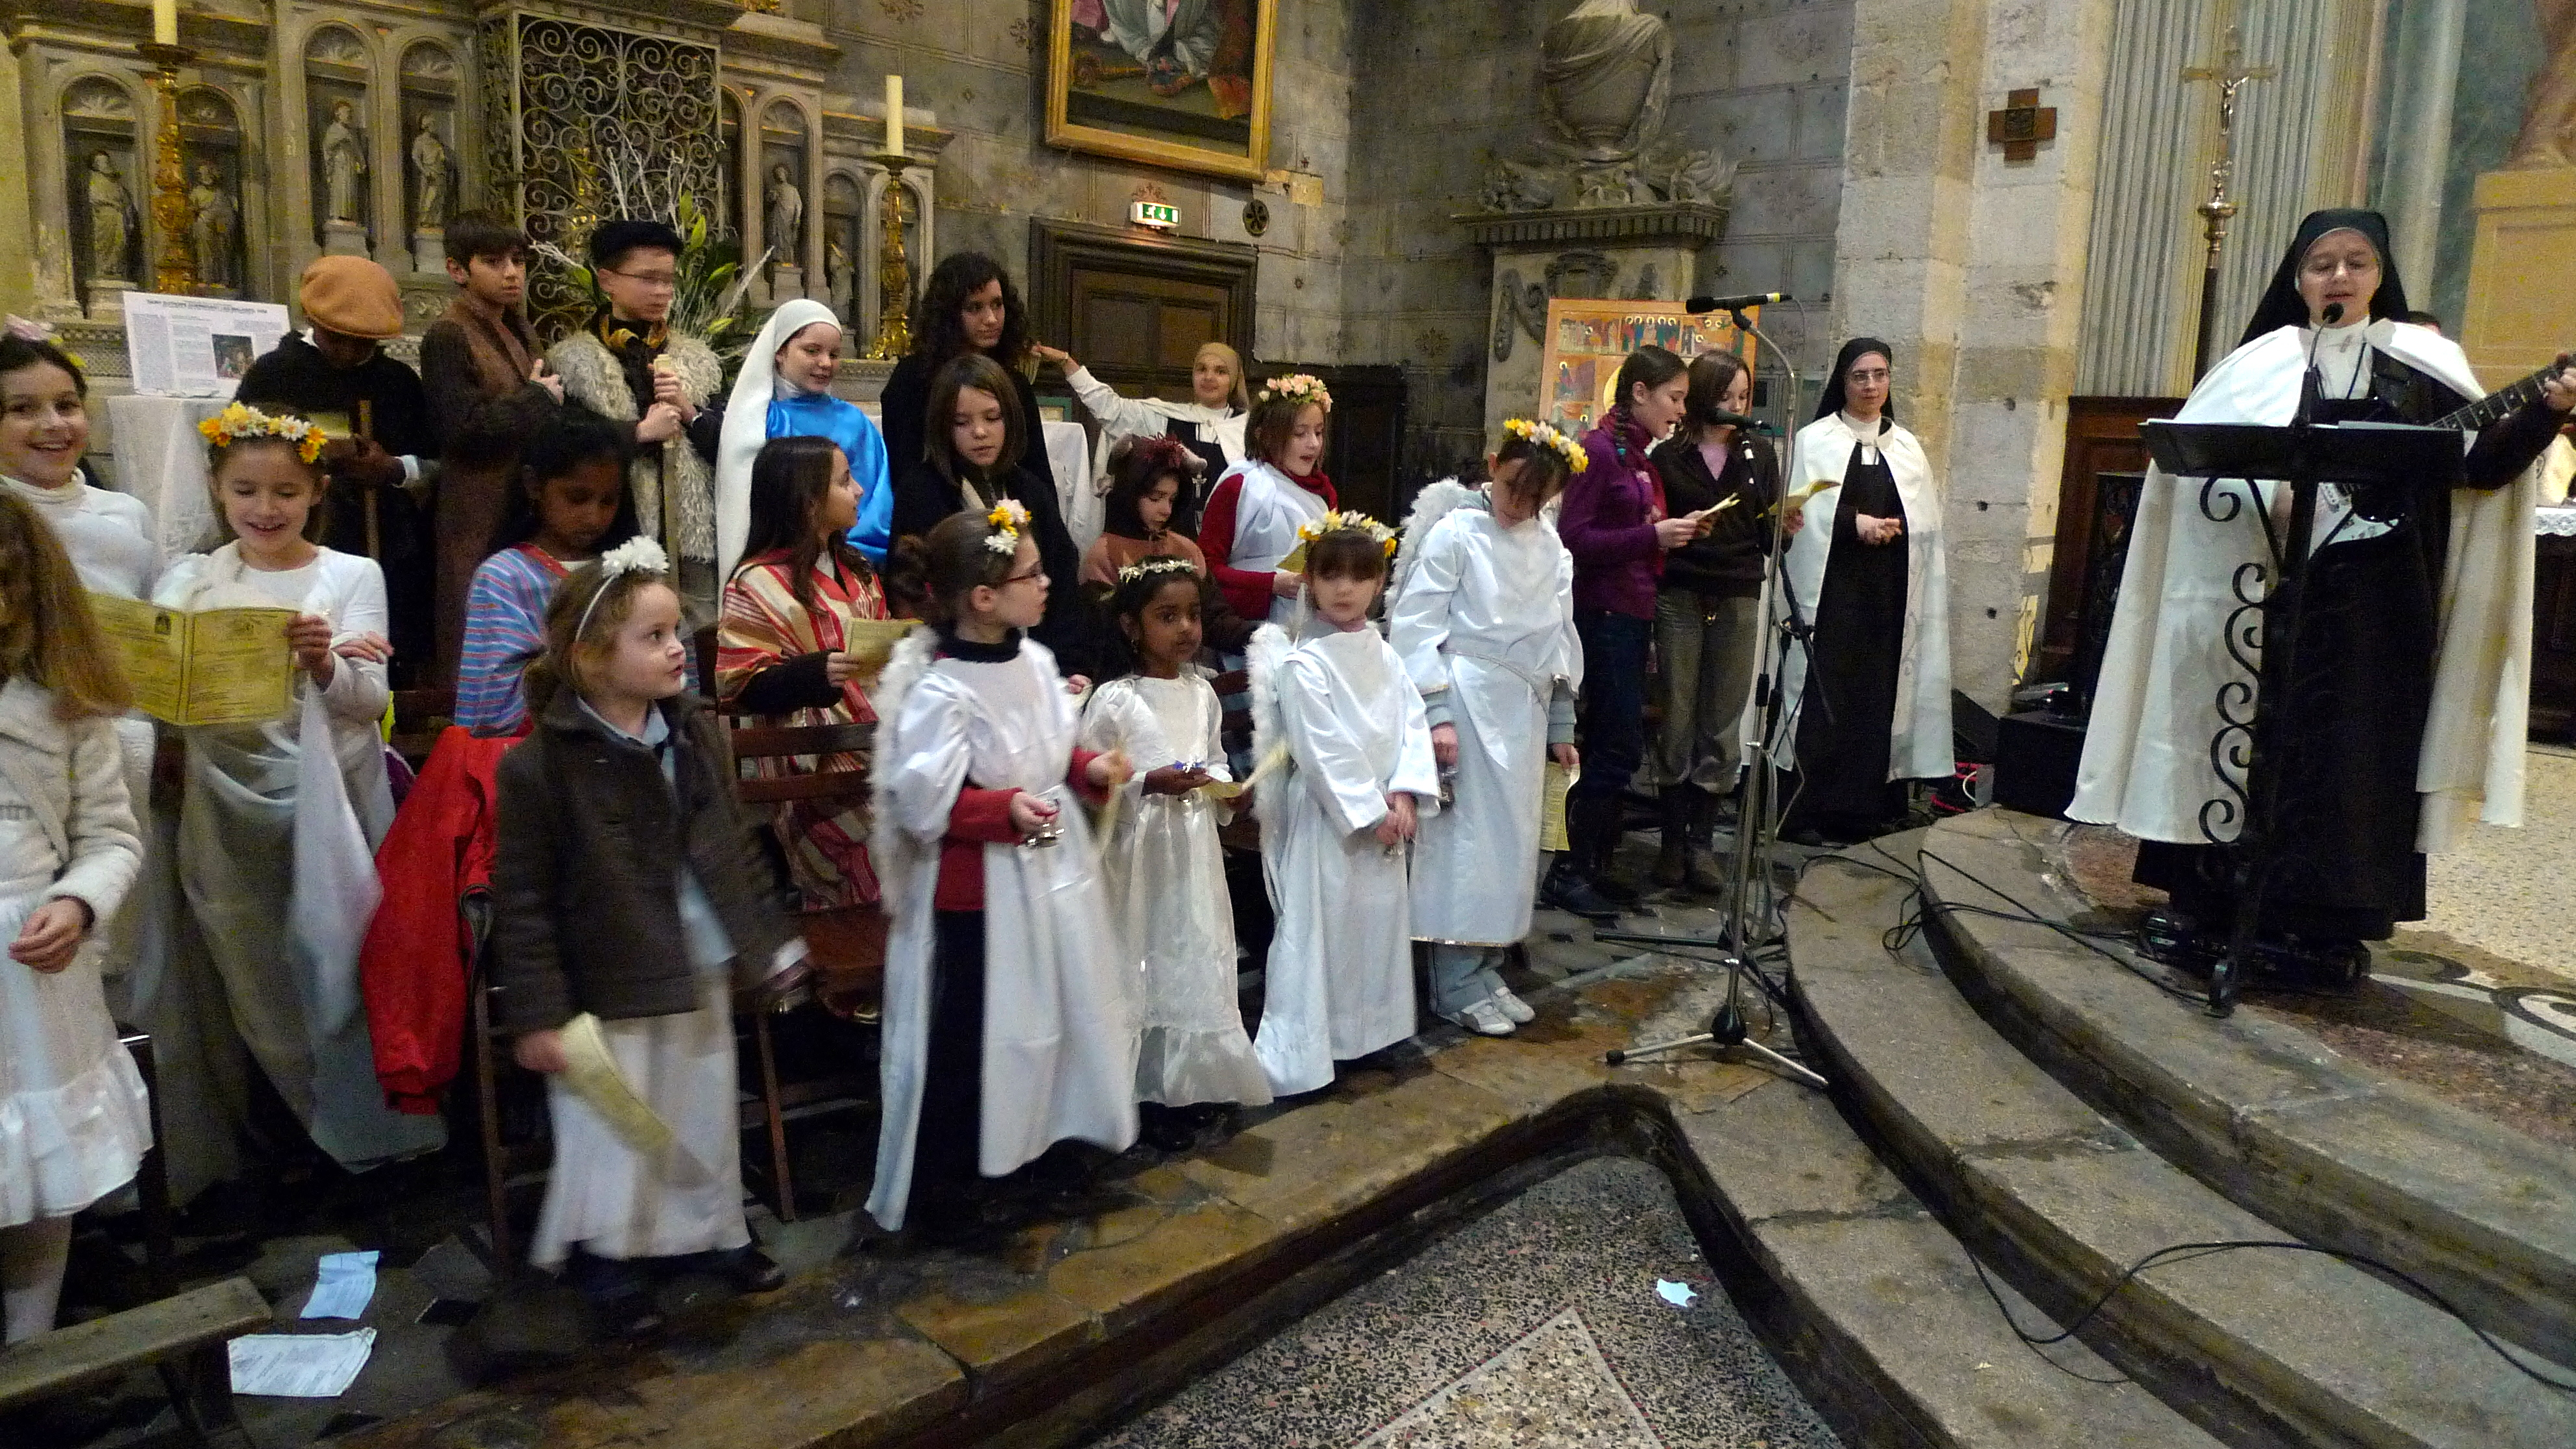 Chorale De Noel File:Chorale des enfants lors de la veillée de Noël dans la